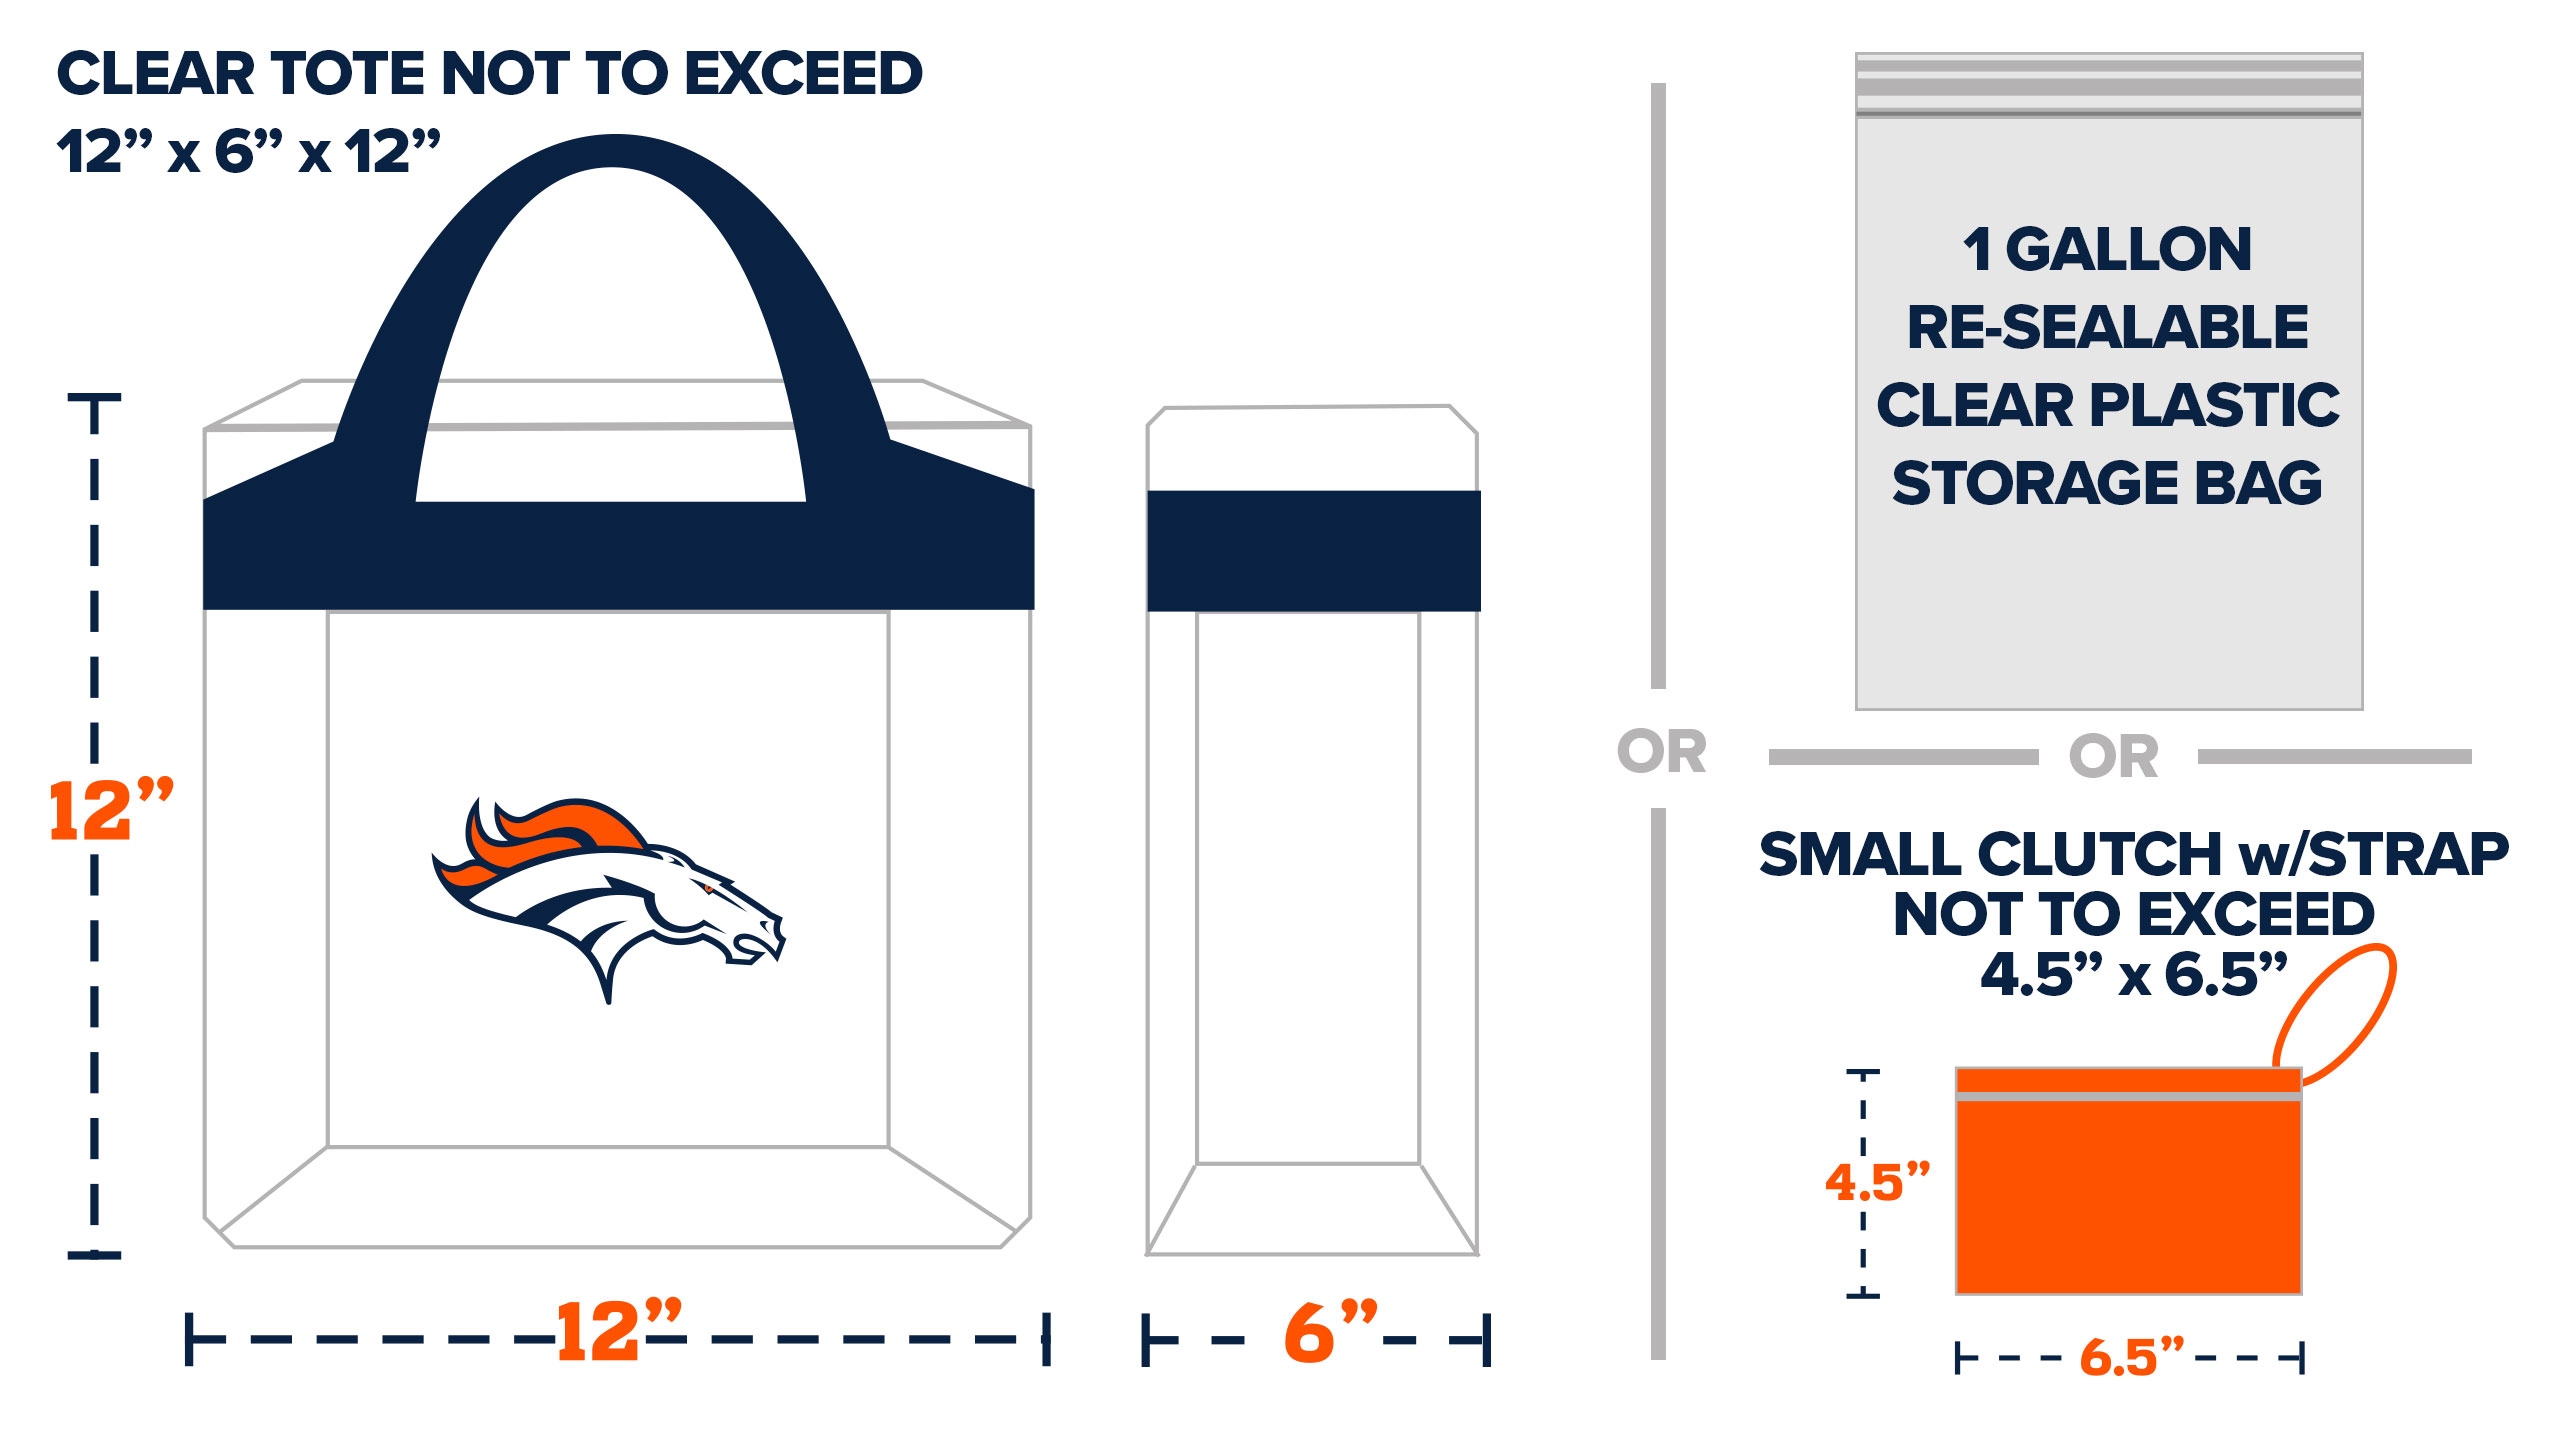 9546a8e90ca1 Denver Broncos | Clear Bag Policy